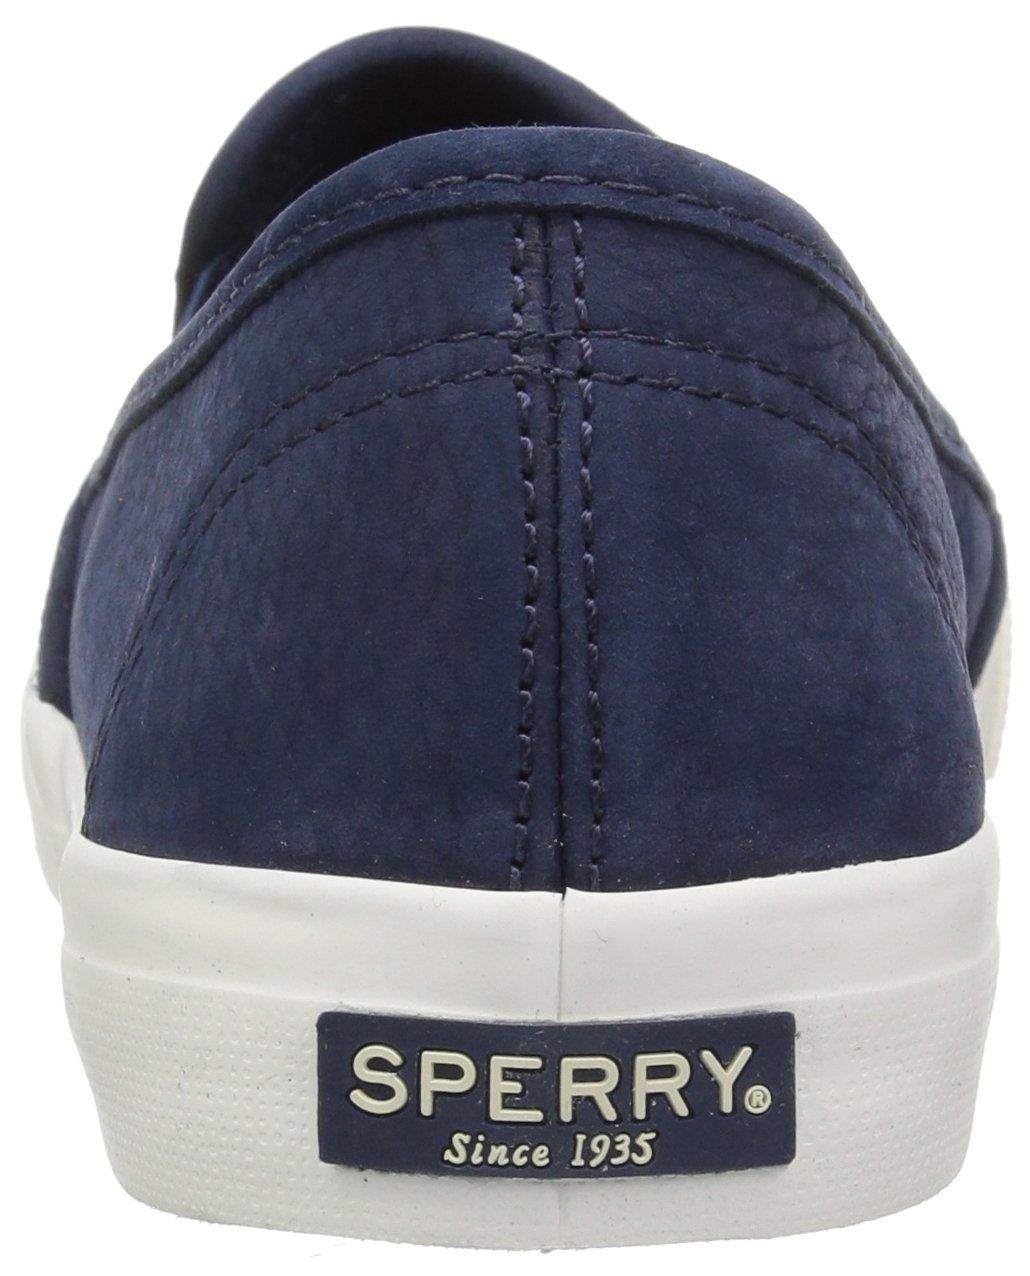 Sperry Top-Sider Women's Seaside Washable Sneaker B078223NMX 6.5 B(M) US Navy